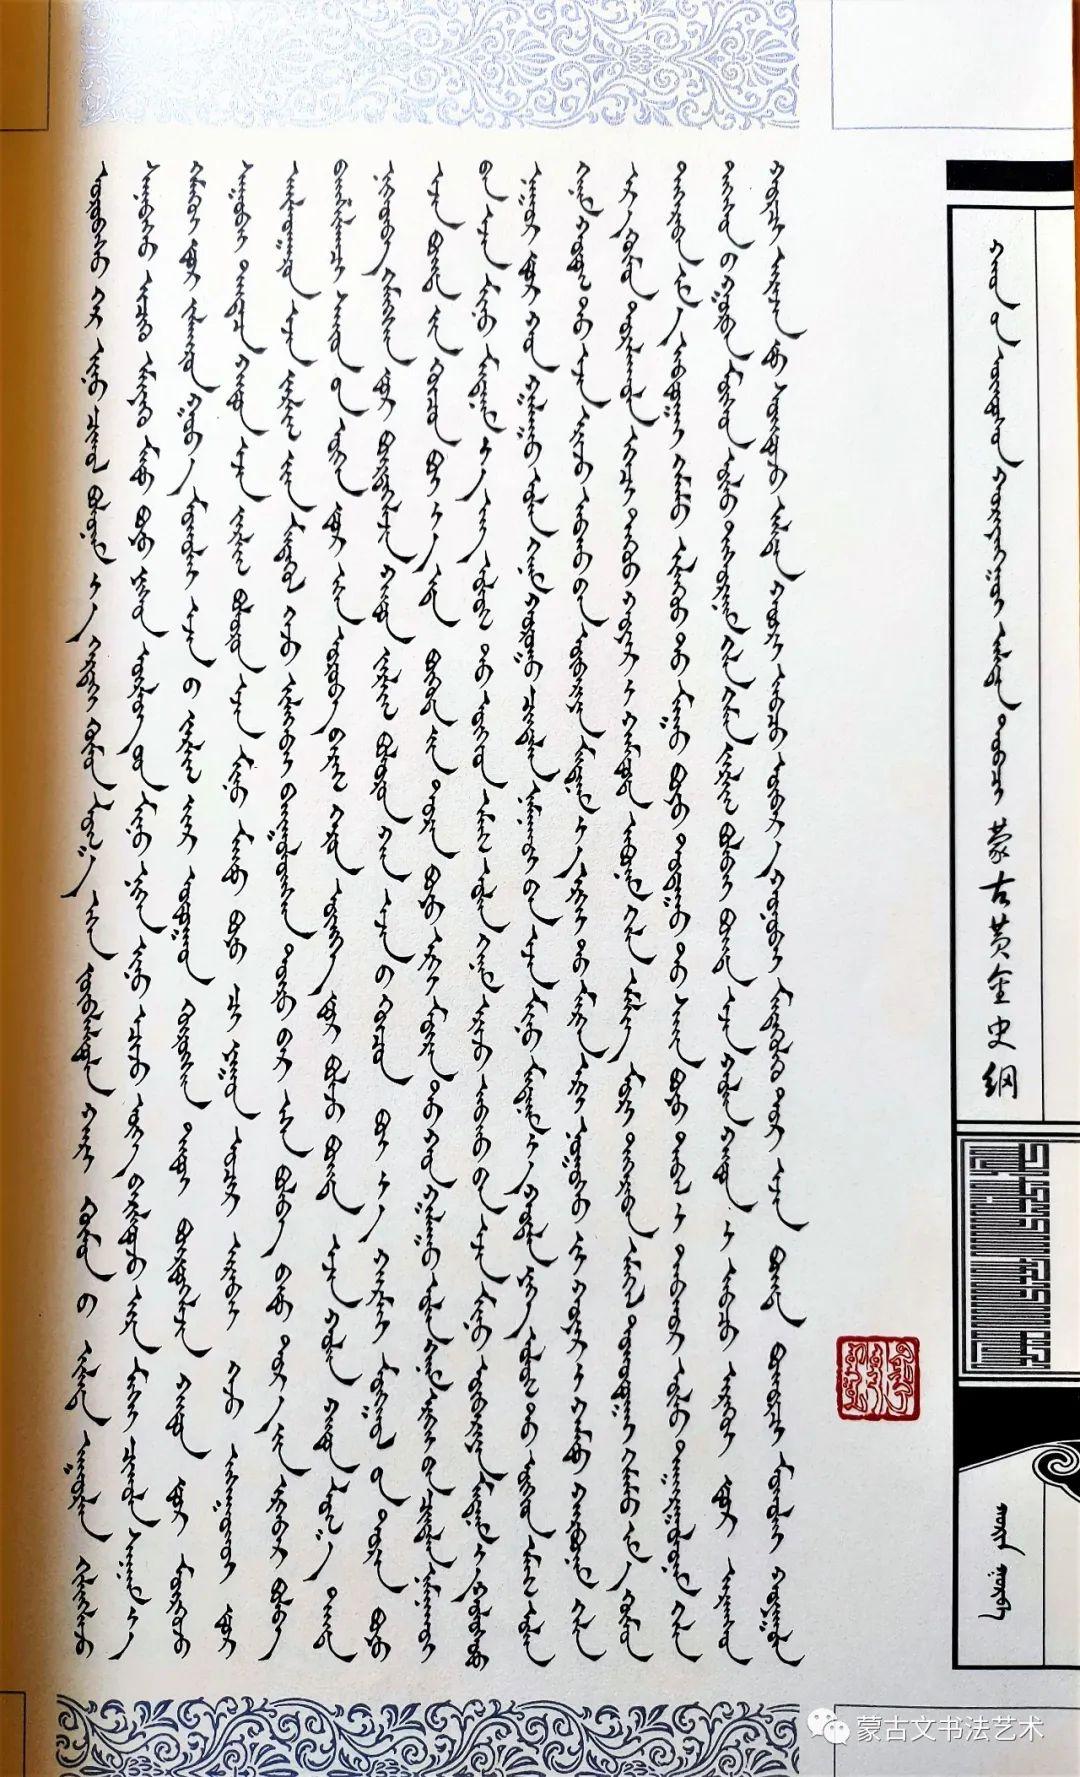 蒙古文经典文献当代书法名家手抄本之那顺德力格尔《蒙古黄金史纲》 第11张